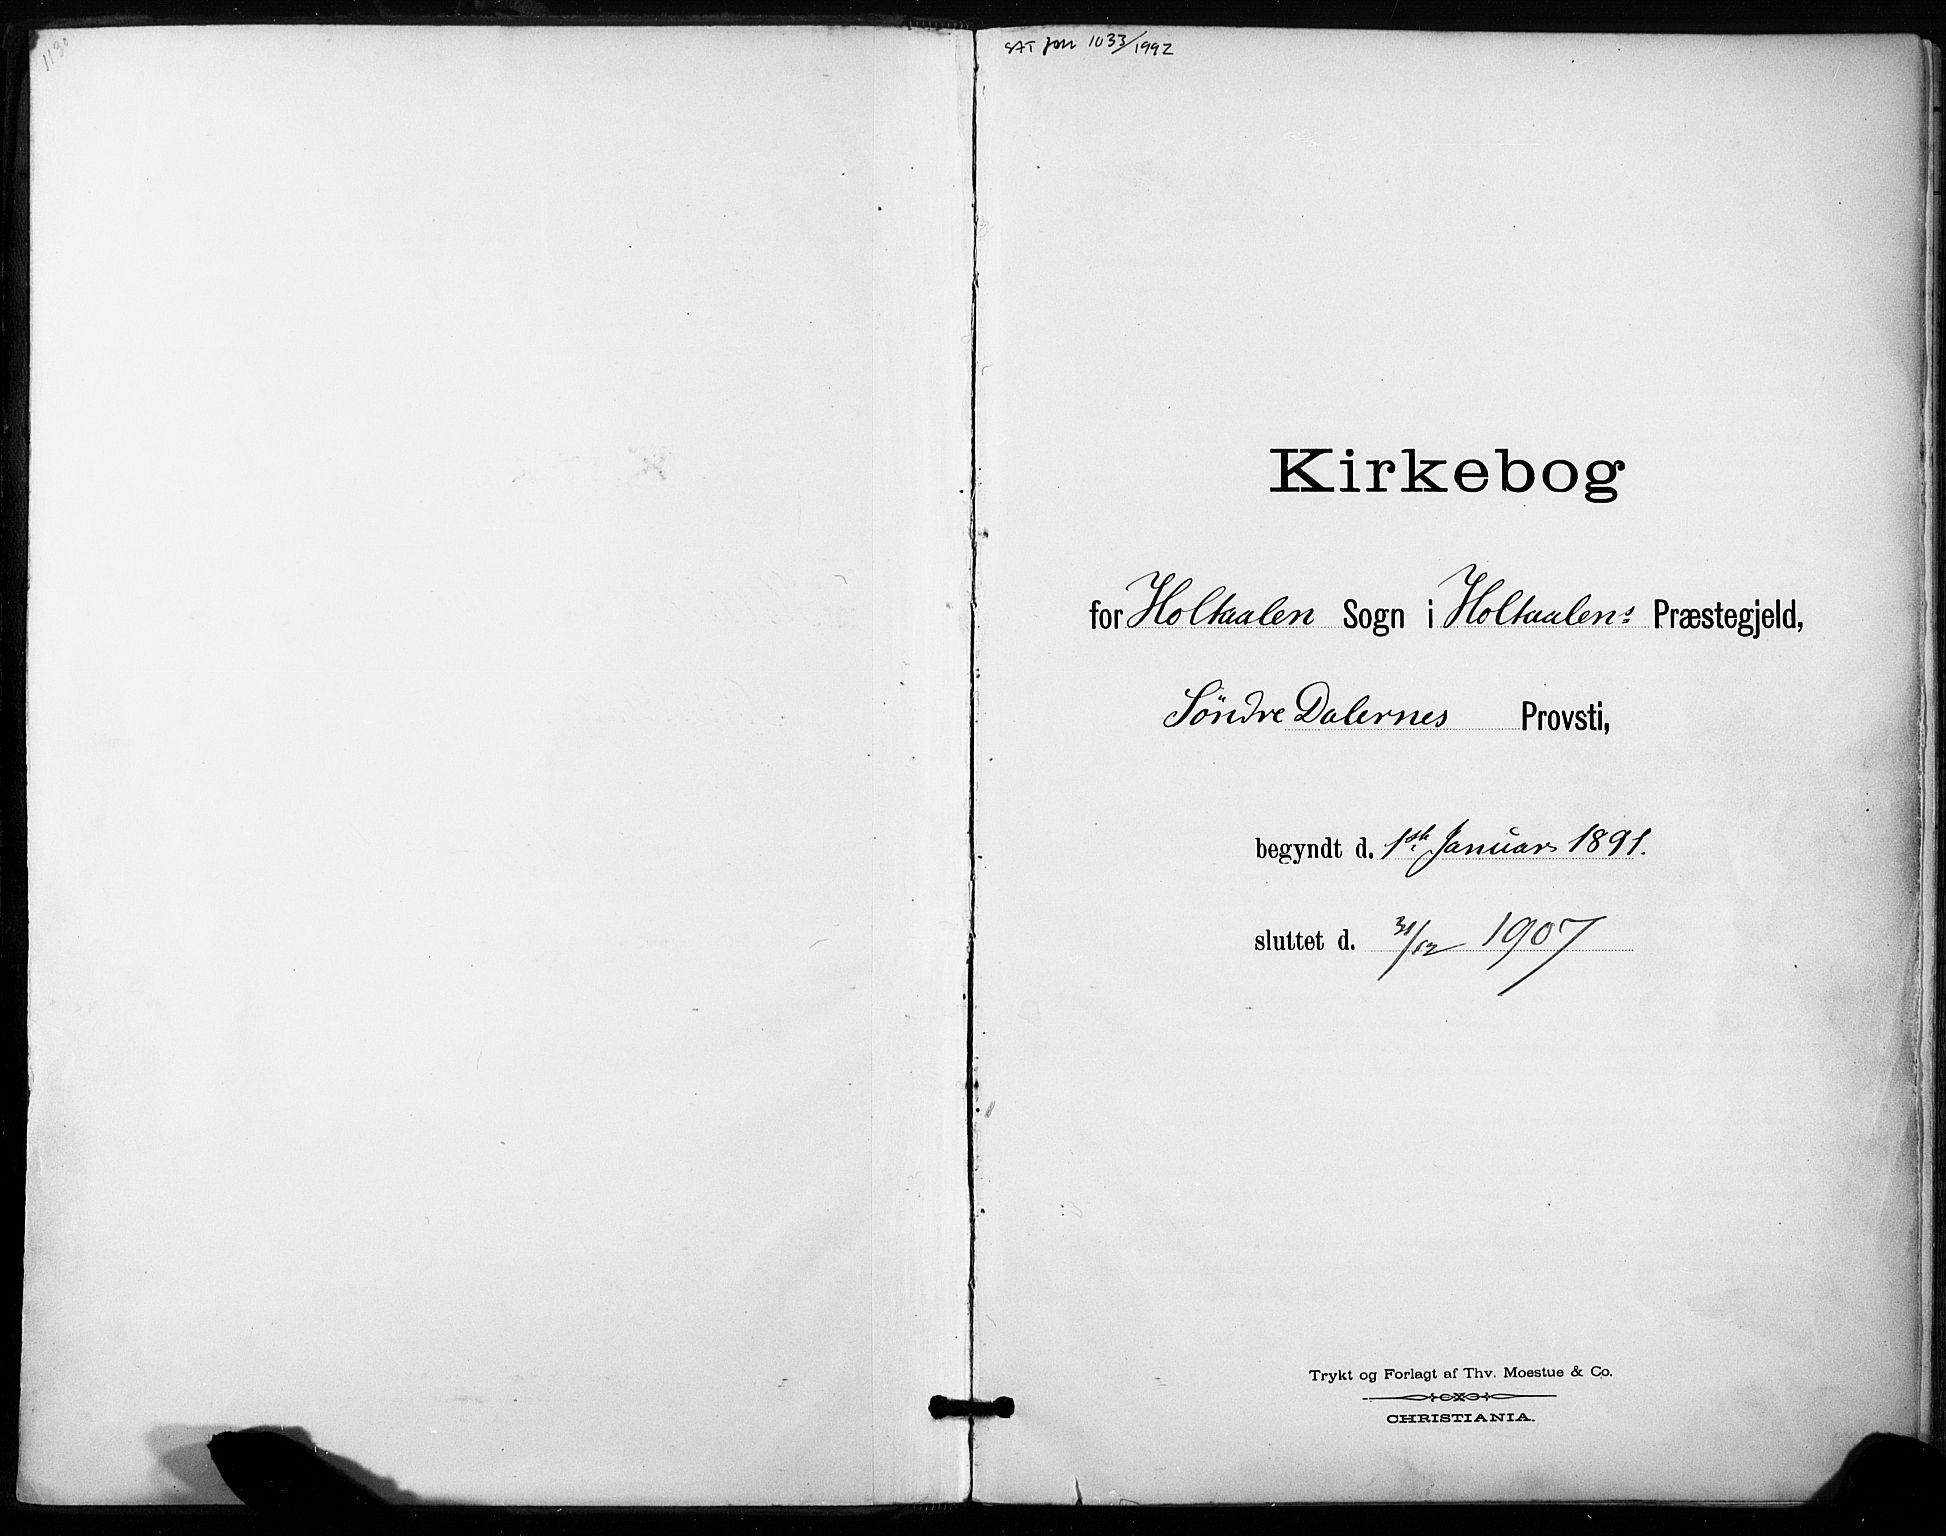 SAT, Ministerialprotokoller, klokkerbøker og fødselsregistre - Sør-Trøndelag, 685/L0973: Ministerialbok nr. 685A10, 1891-1907